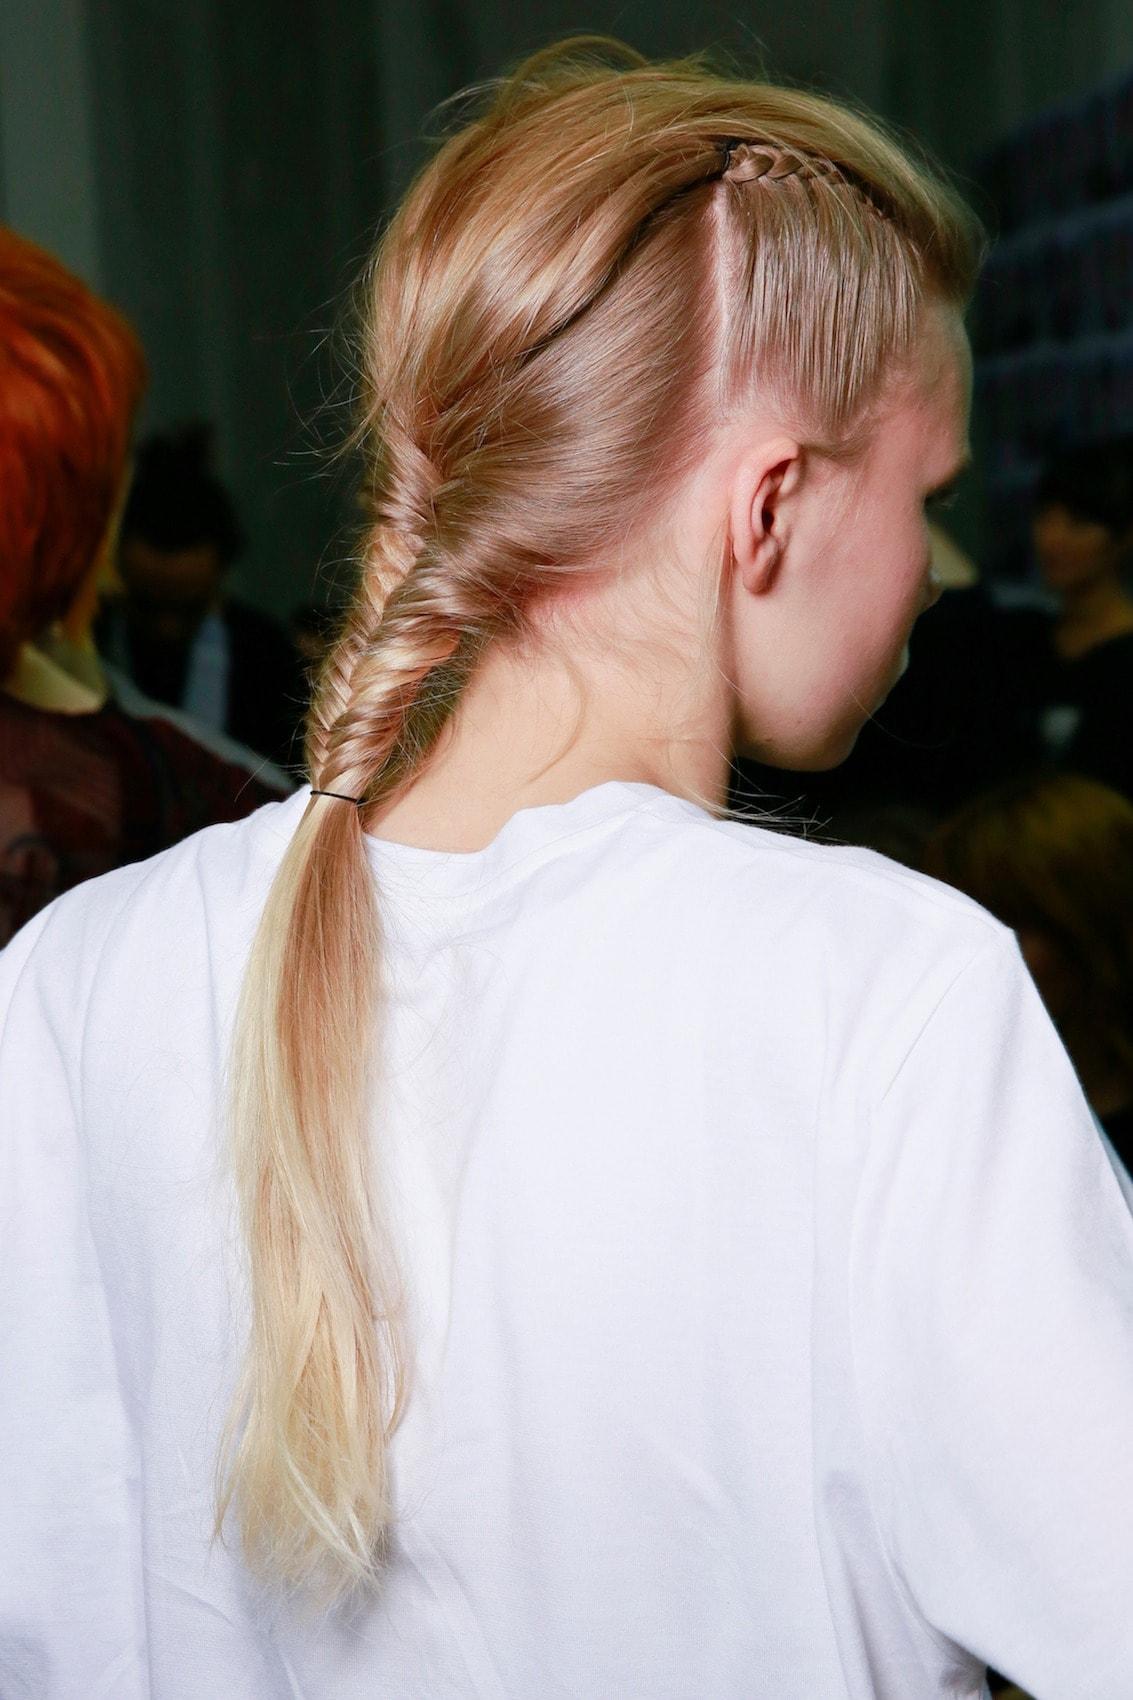 Fishtail braid dengan gaya mini braid gaya rambut festival.